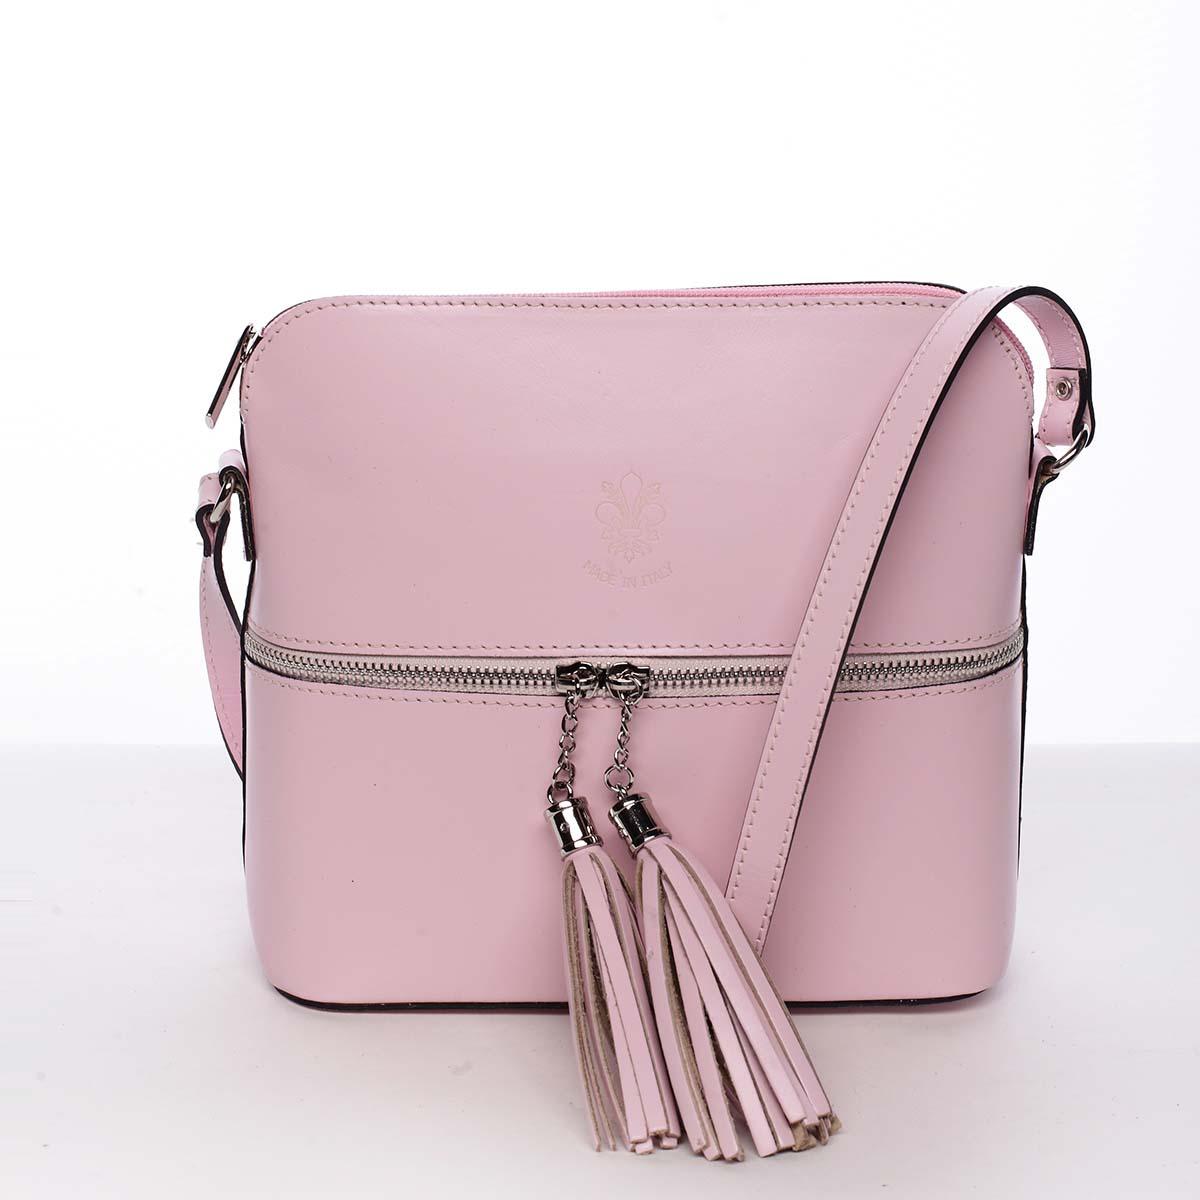 Módna dámska kožená crossbody kabelka ružová - ItalY Farzana ružová